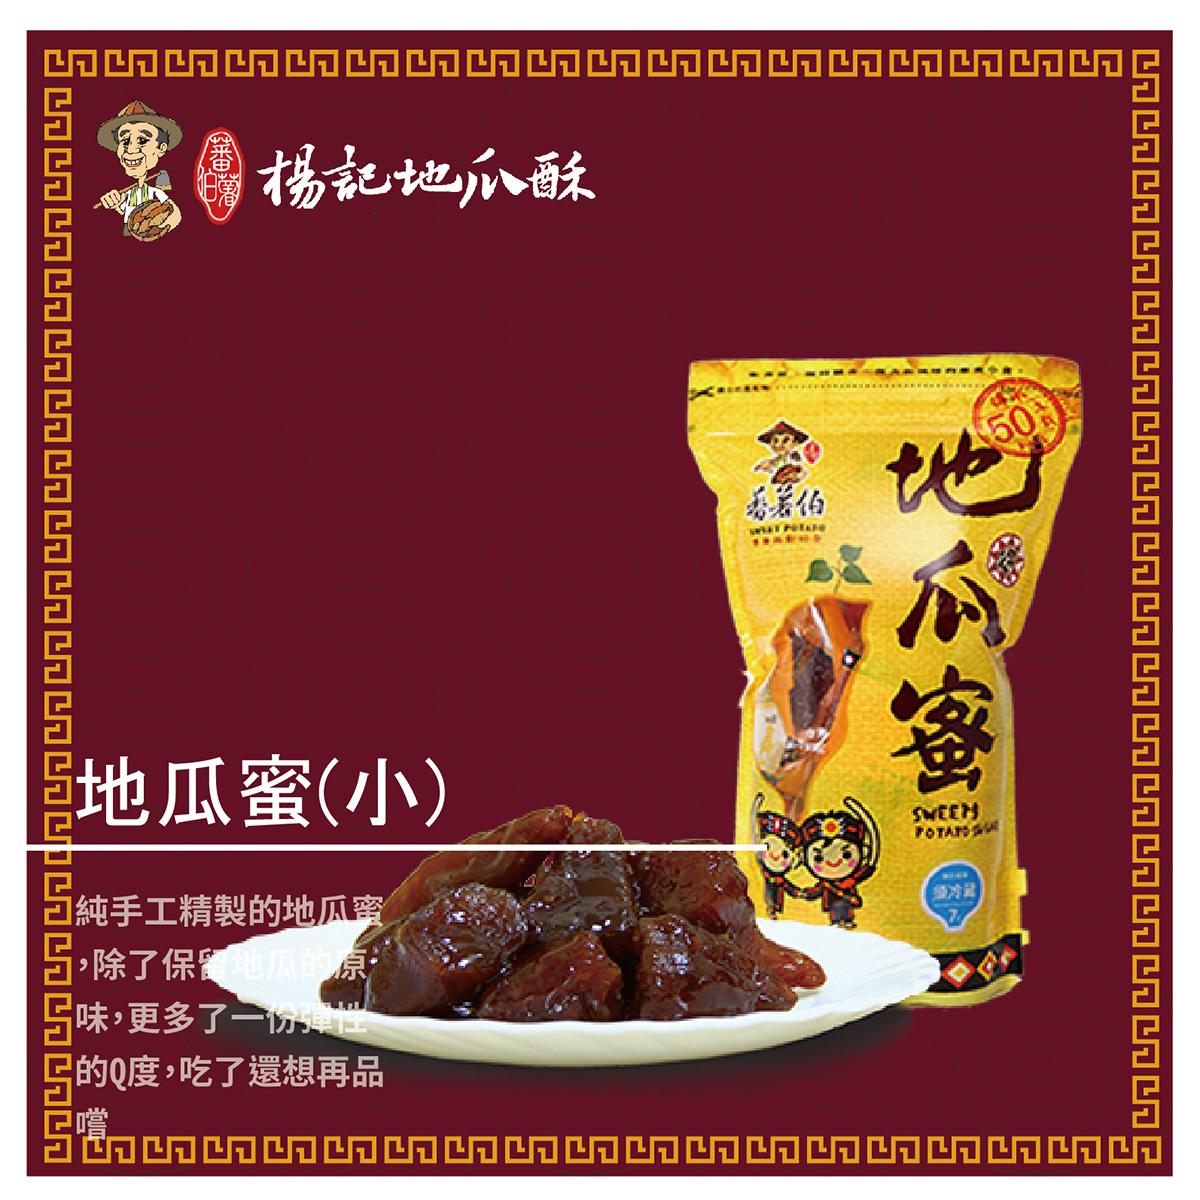 【蕃薯伯楊記家傳地瓜酥】古早味地瓜蜜(小)300g